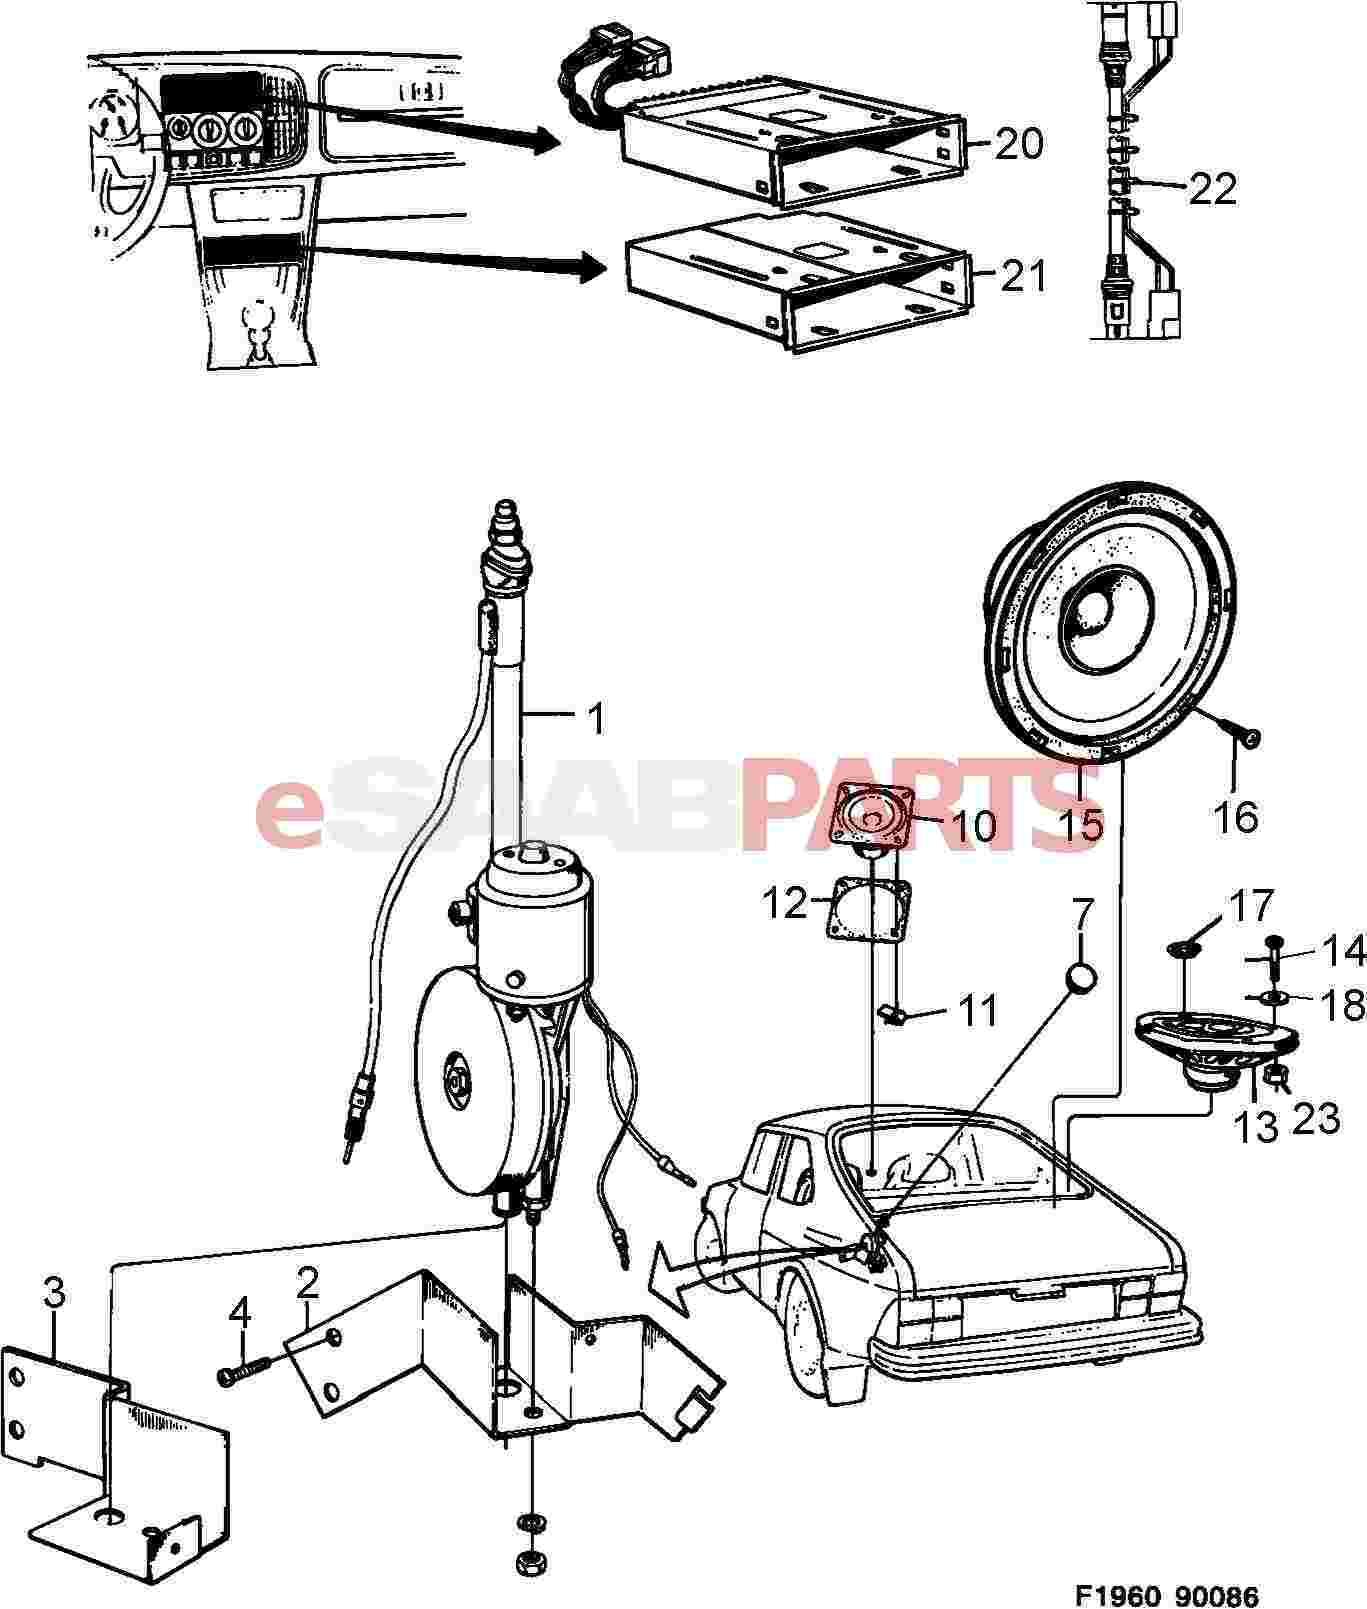 Saab Trionic Wiring Diagram Electrical Aerial Loudspeaker